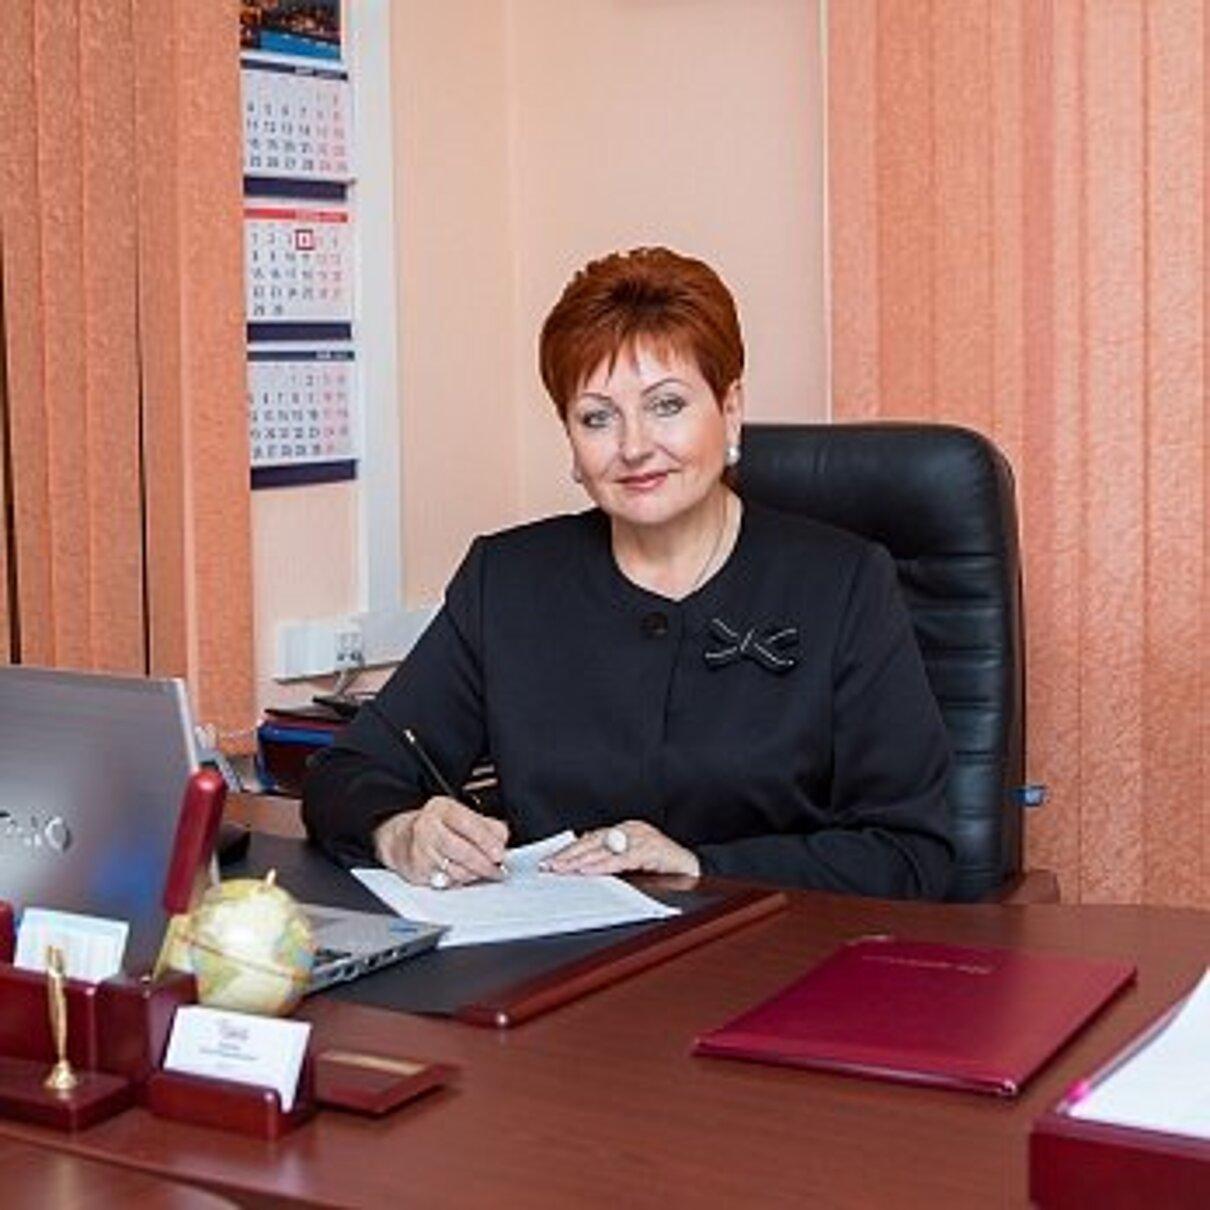 Жалоба-отзыв: Https://www.uksimfoniya.ru - Леваева Ольга Владимировна в Краснодаре обманывает